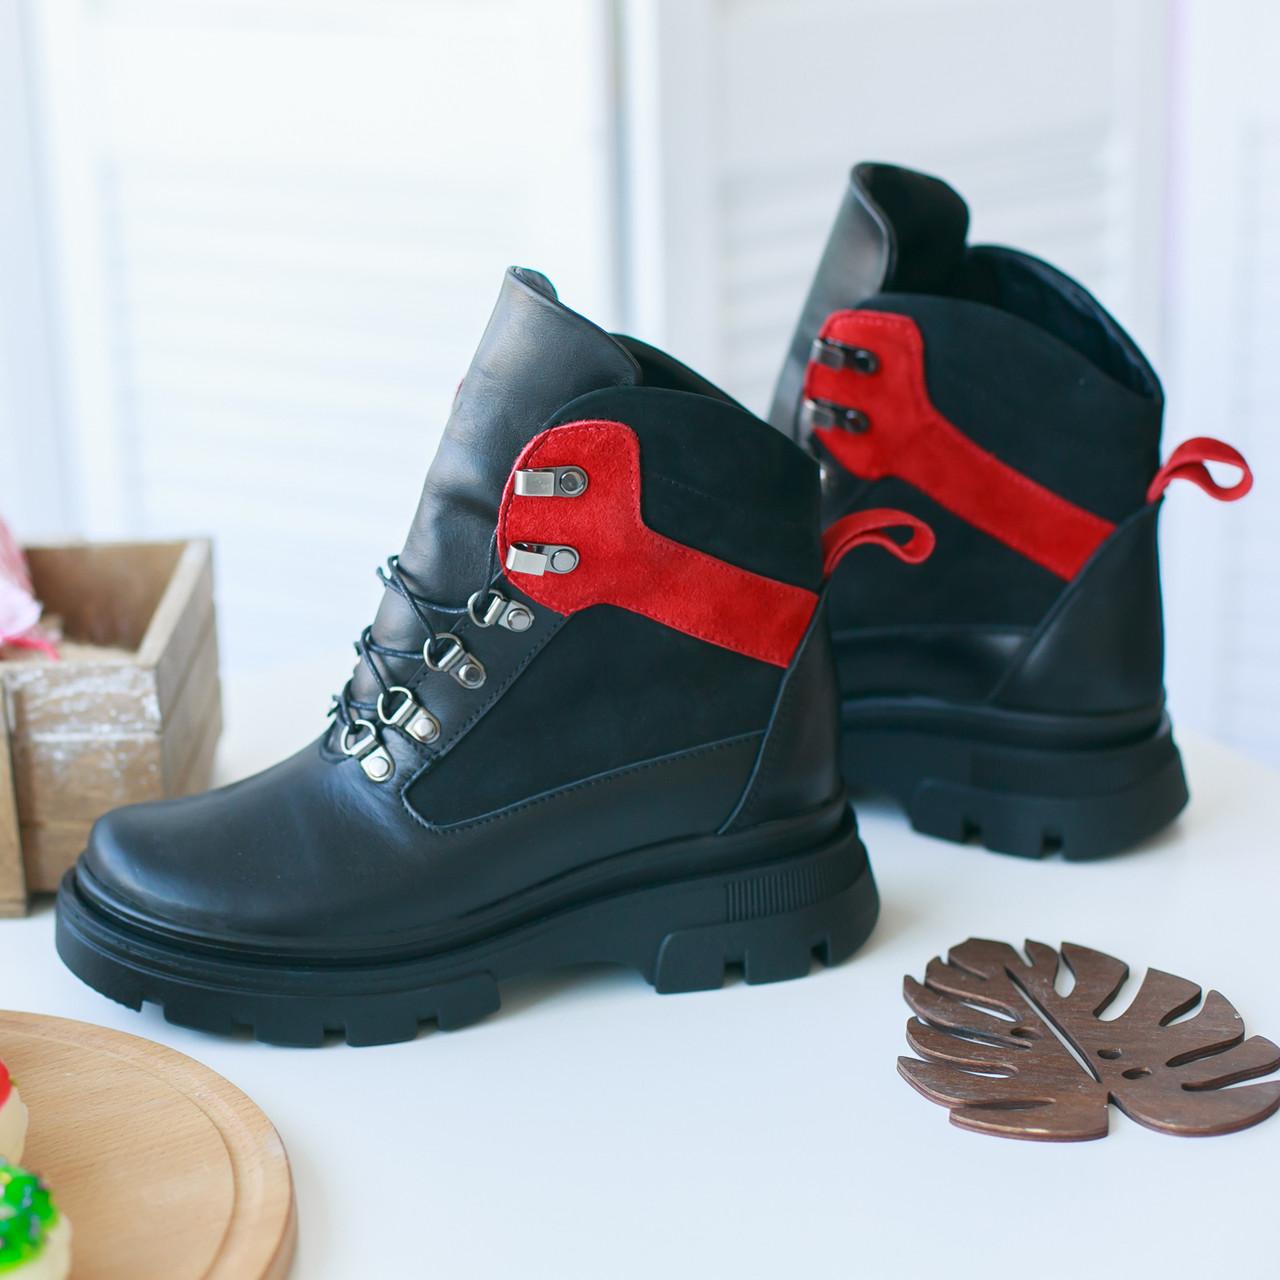 Жіночі черевики з натуральних матеріалів